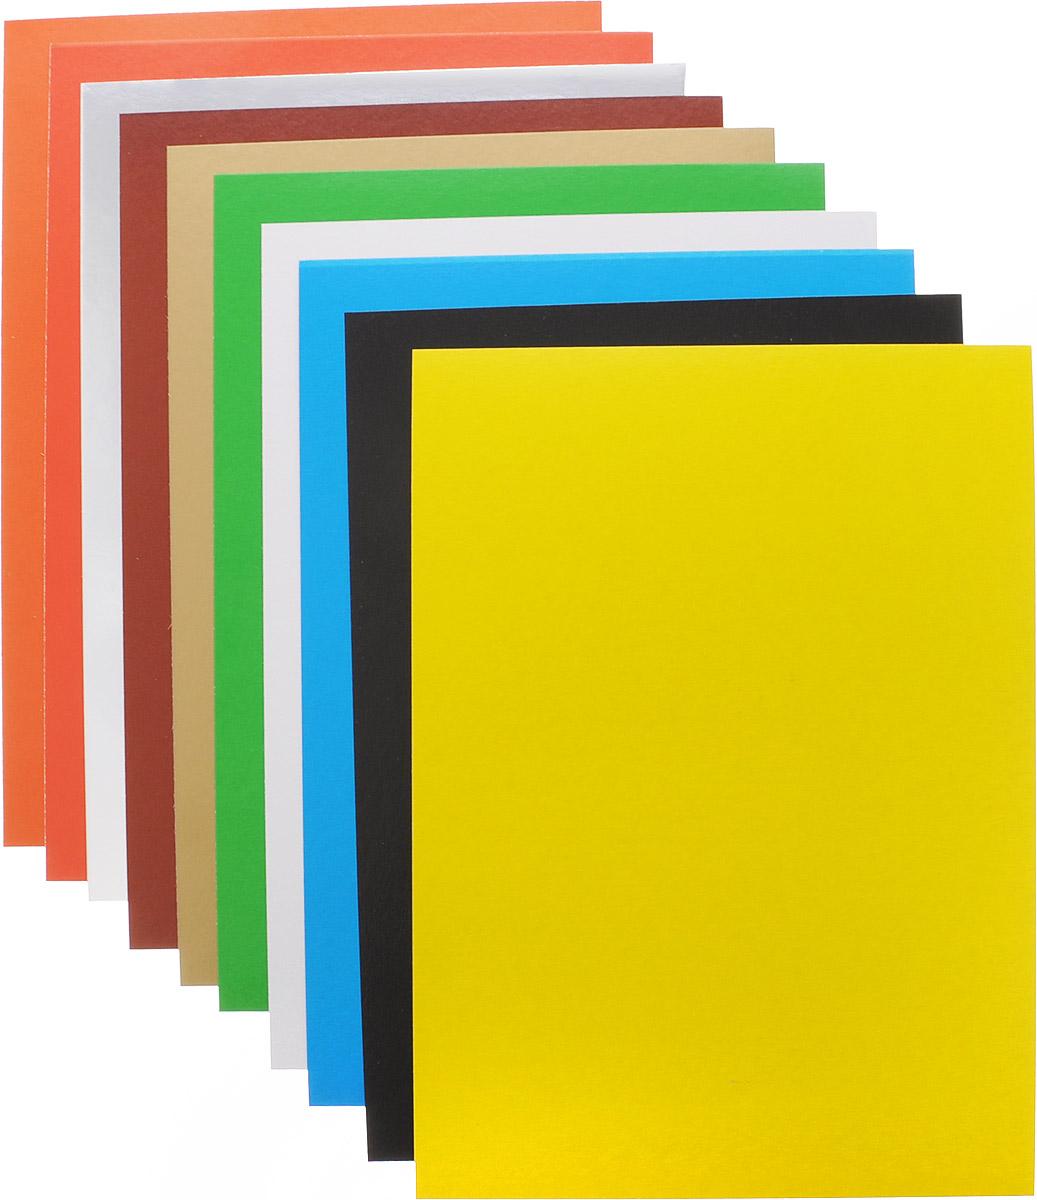 Набор цветного мелованного картона Action! Celebrate позволит ребенку раскрыть свой творческий потенциал. Набор содержит 10 листов цветного картона, включая золотистый и серебристый листы. Создание поделок из цветного картона - это увлекательнейший процесс, способствующий развитию у ребенка фантазии и творческого мышления.Набор прекрасно подойдет для рисования, создания аппликаций, оригами, изготовления поделок из картона. Порадуйте своего малыша таким замечательным подарком!Набор прекрасно подойдет для рисования, создания аппликаций, оригами, изготовления поделок из картона. Порадуйте своего малыша таким замечательным подарком!В комплекте представлены 2 набора цветного картона по 10 листов.